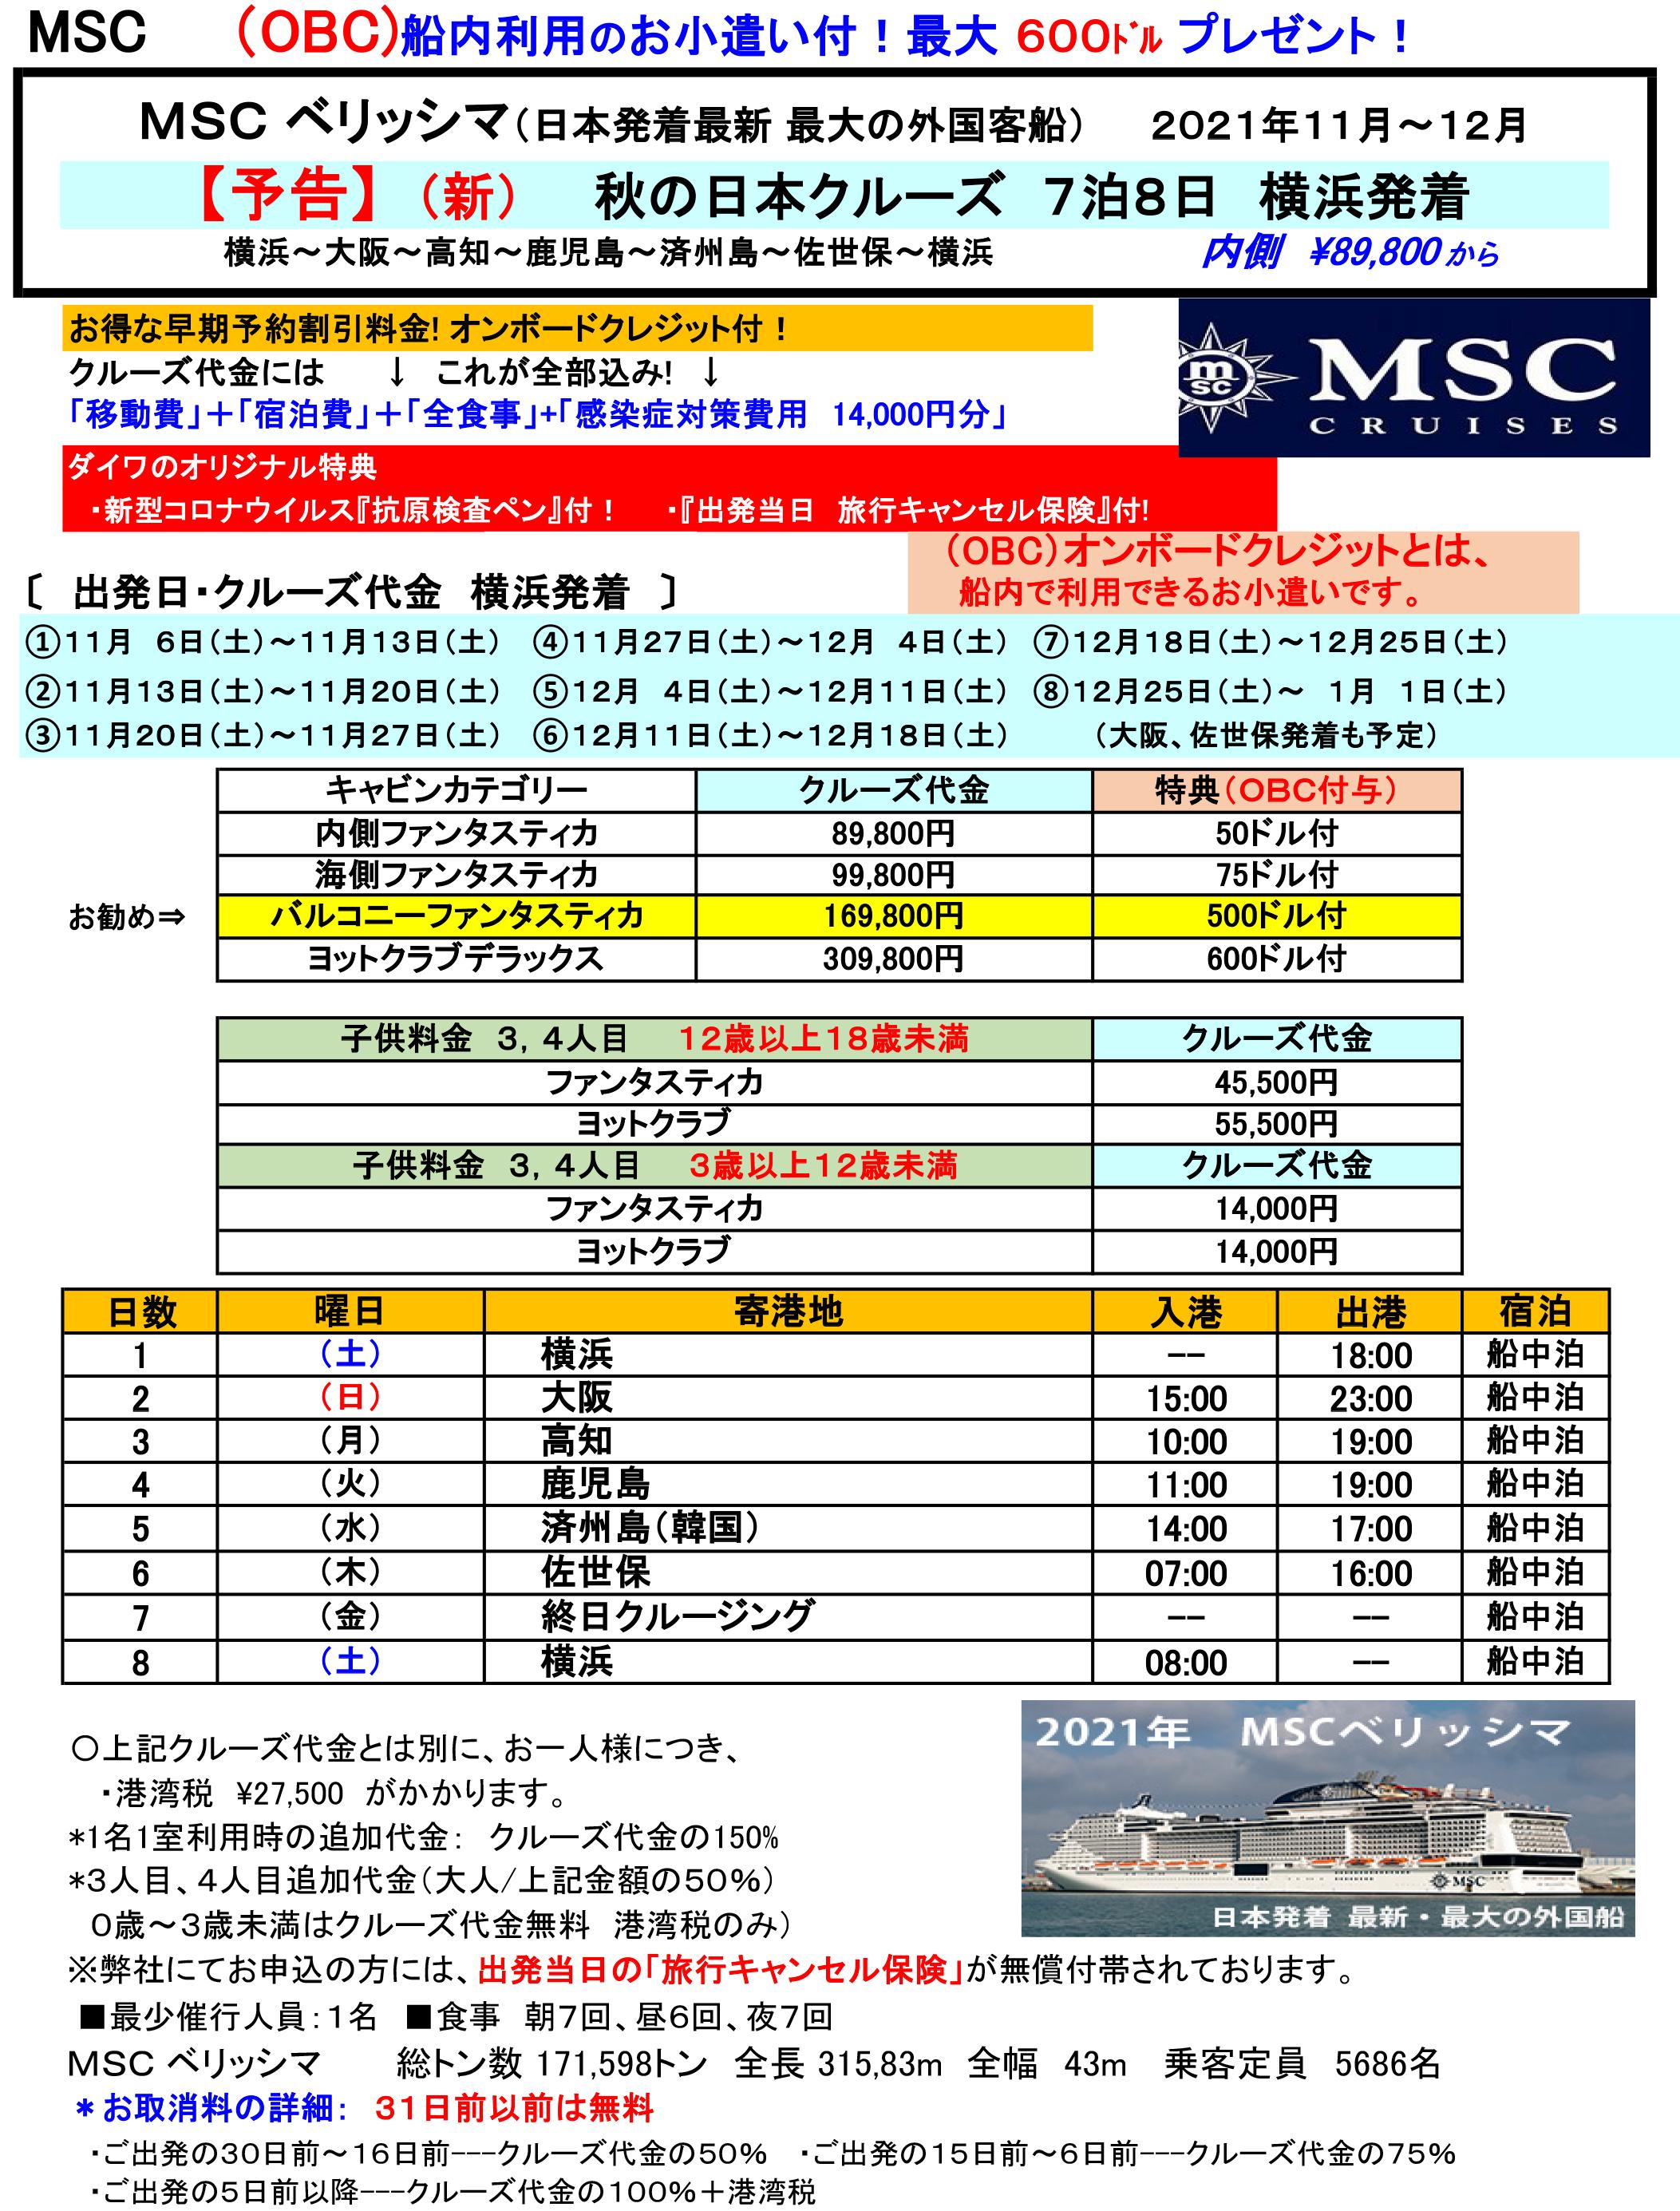 MSCベリッシマ 11月〜12月発 7泊8日